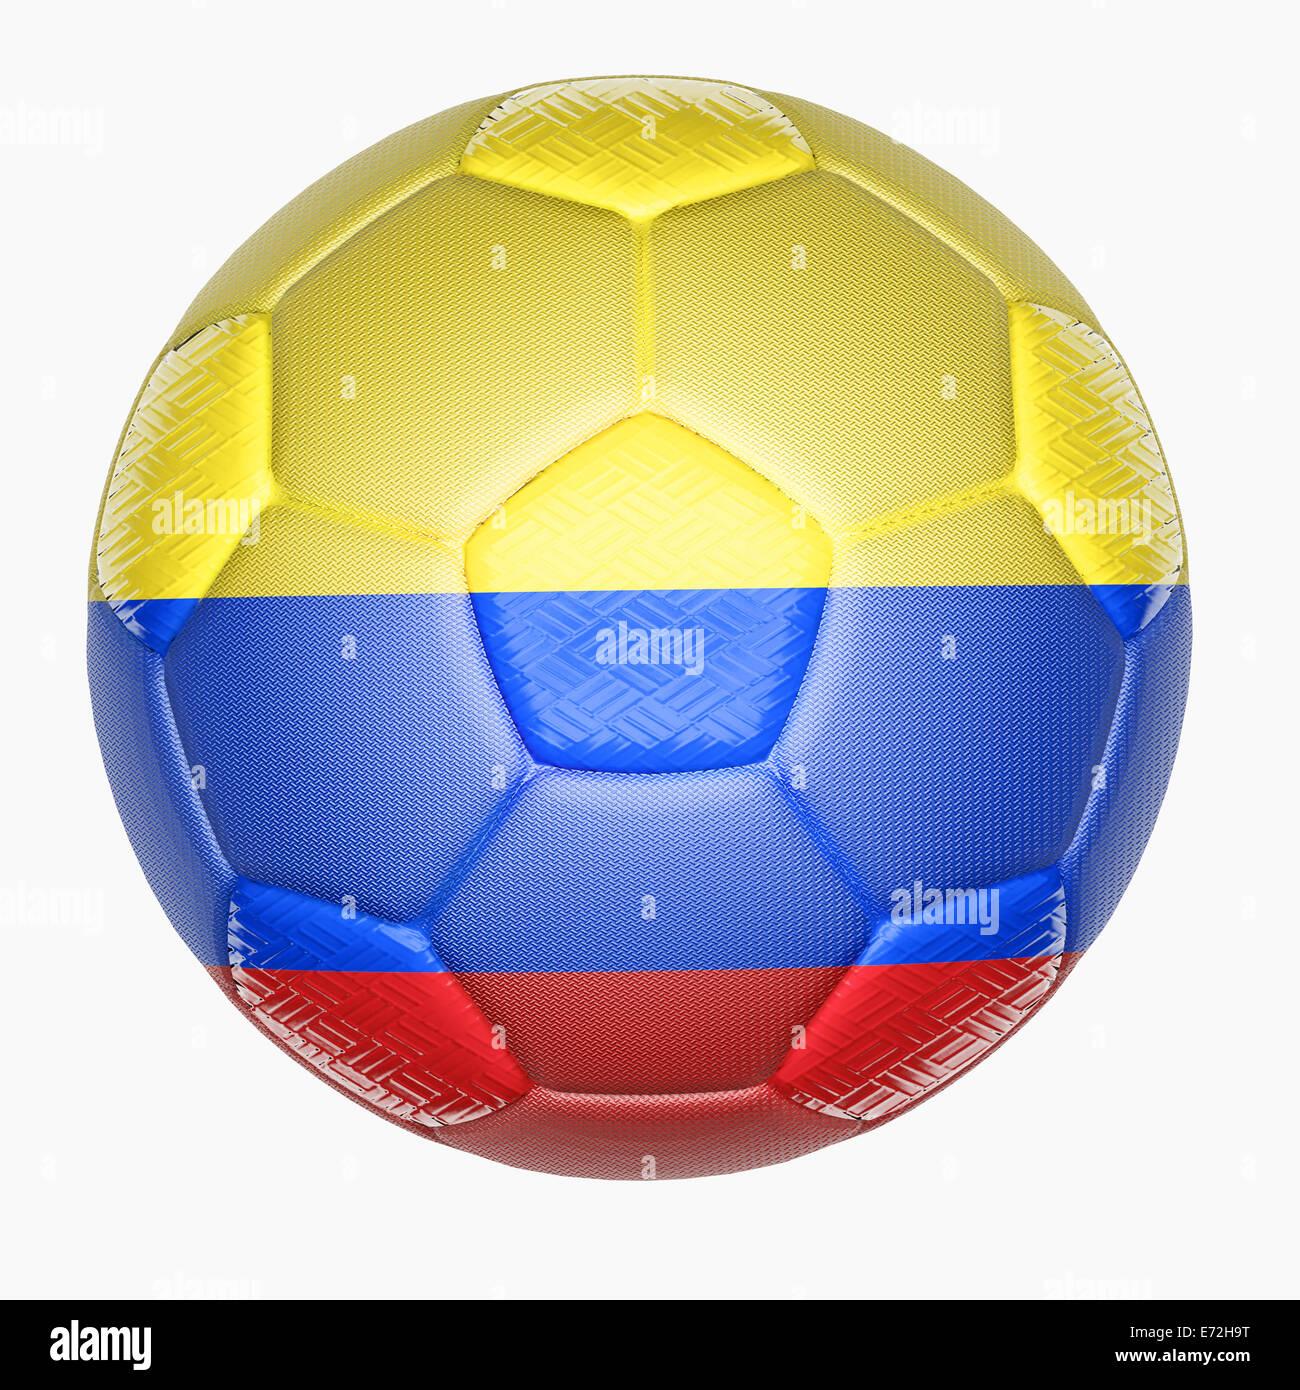 La asignación de la pelota de fútbol con la bandera de Colombia Imagen De  Stock f68ff5fb8d3b9